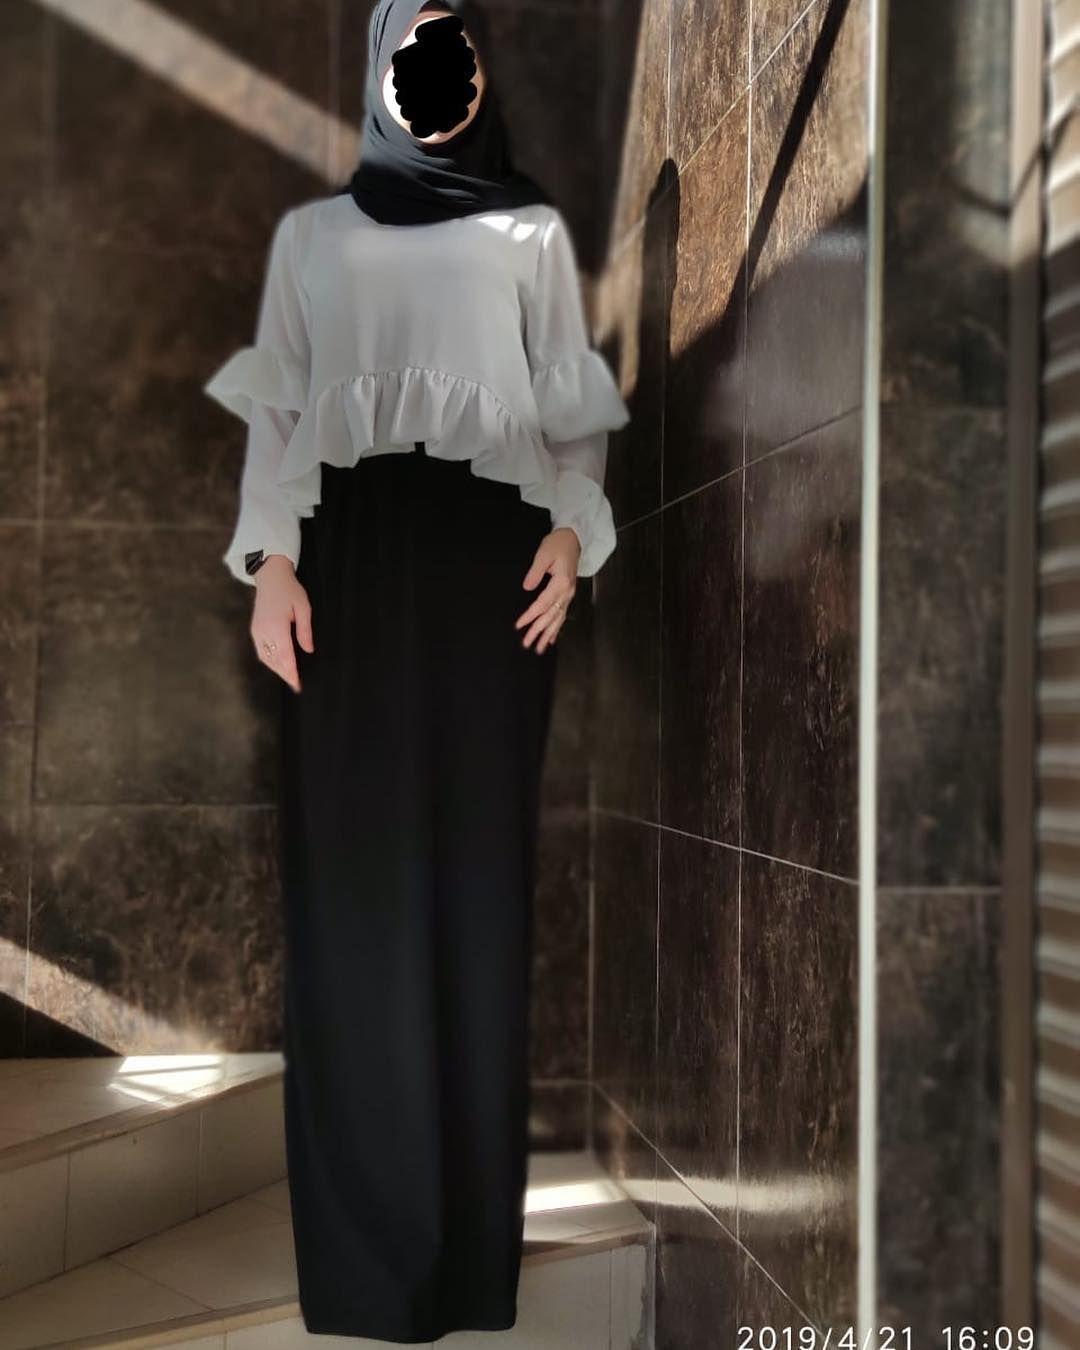 Na Izobrazhenii Mozhet Nahoditsya Odin Ili Neskolko Chelovek I Lyudi Stoyat Skirts Fashion Nun Dress